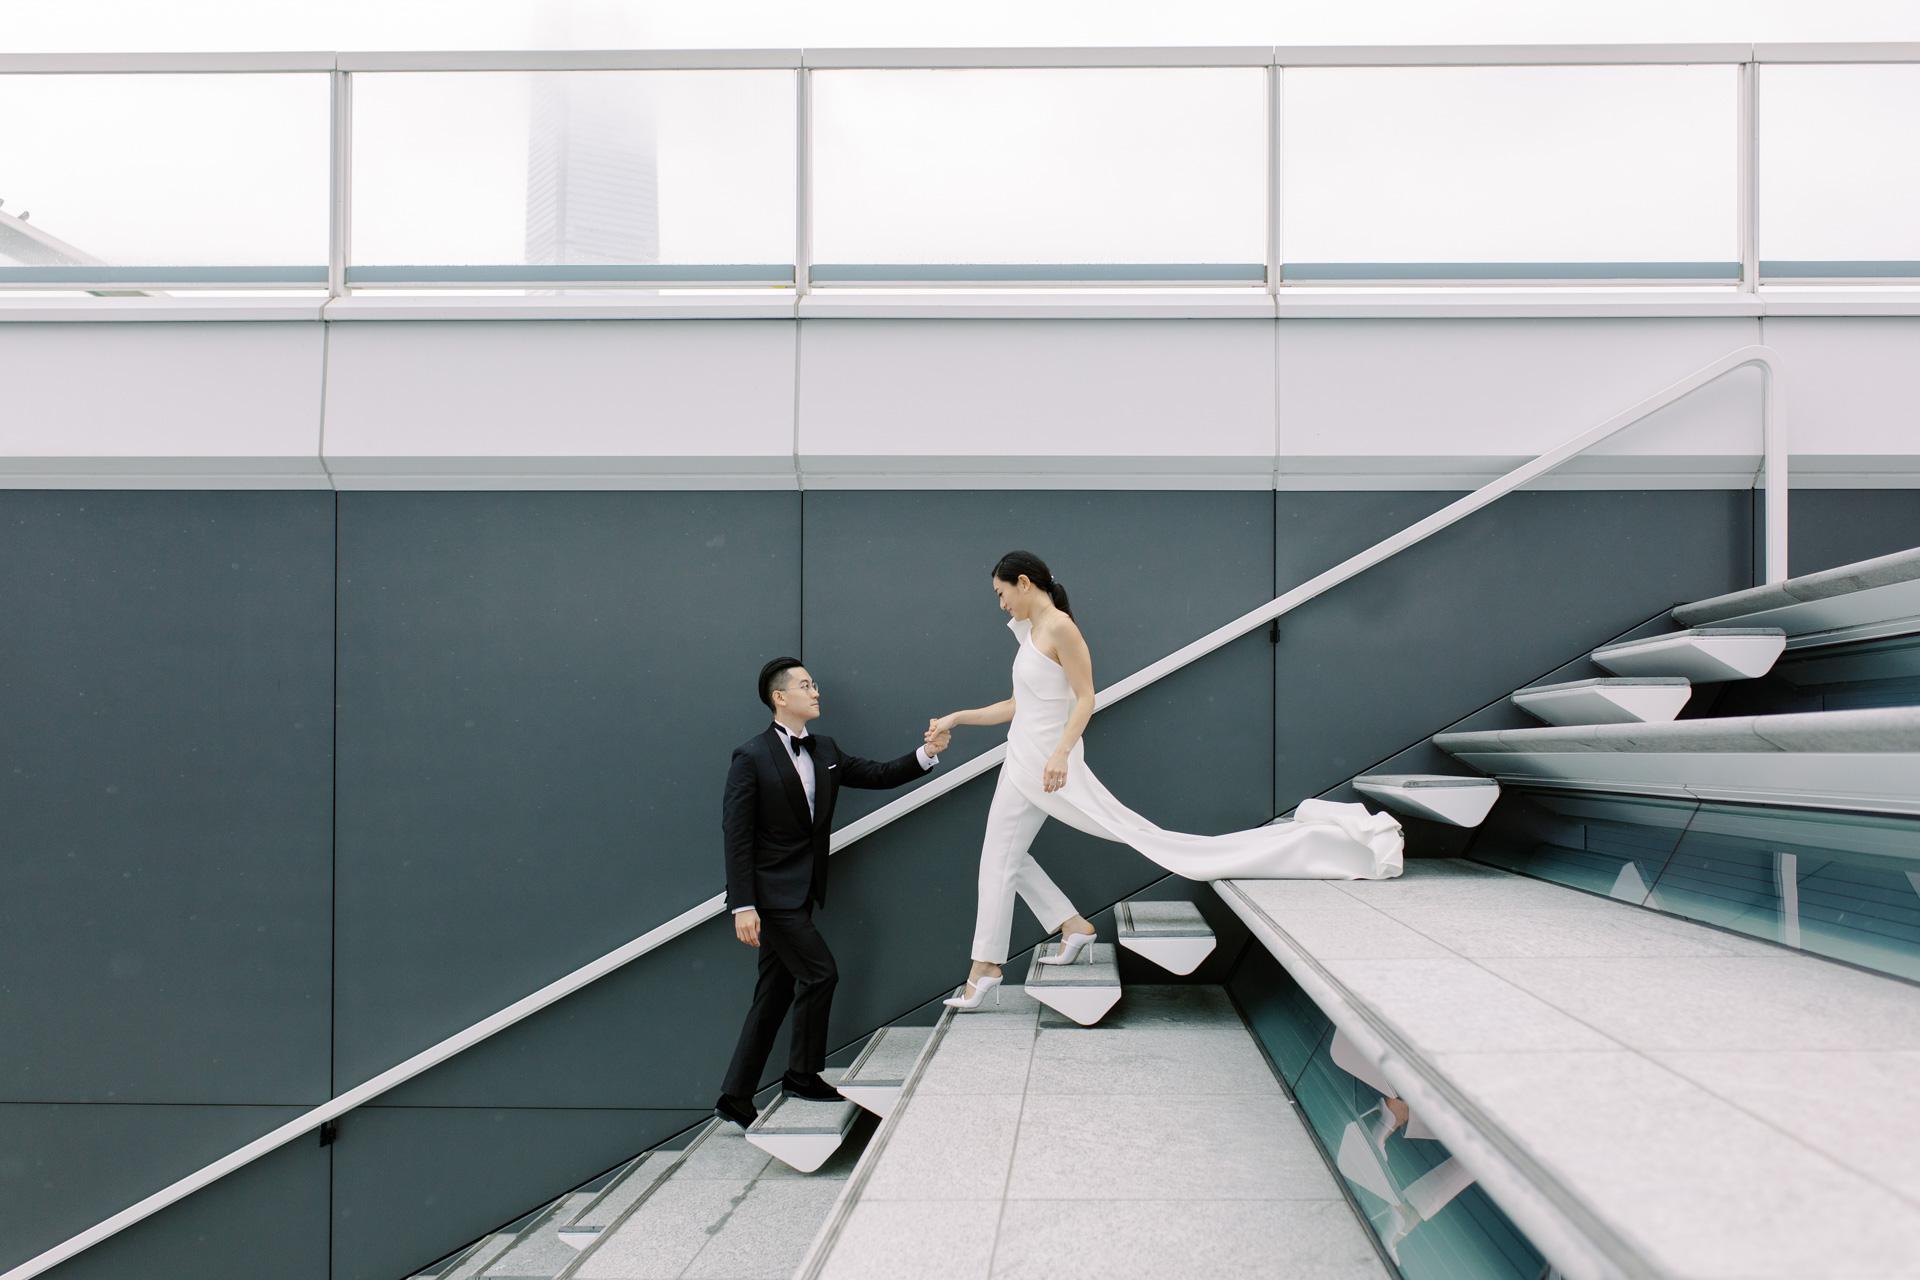 nikkiloveu-hongkong-wedding-day-hexa-ant-cat-lauhaus-005.jpg